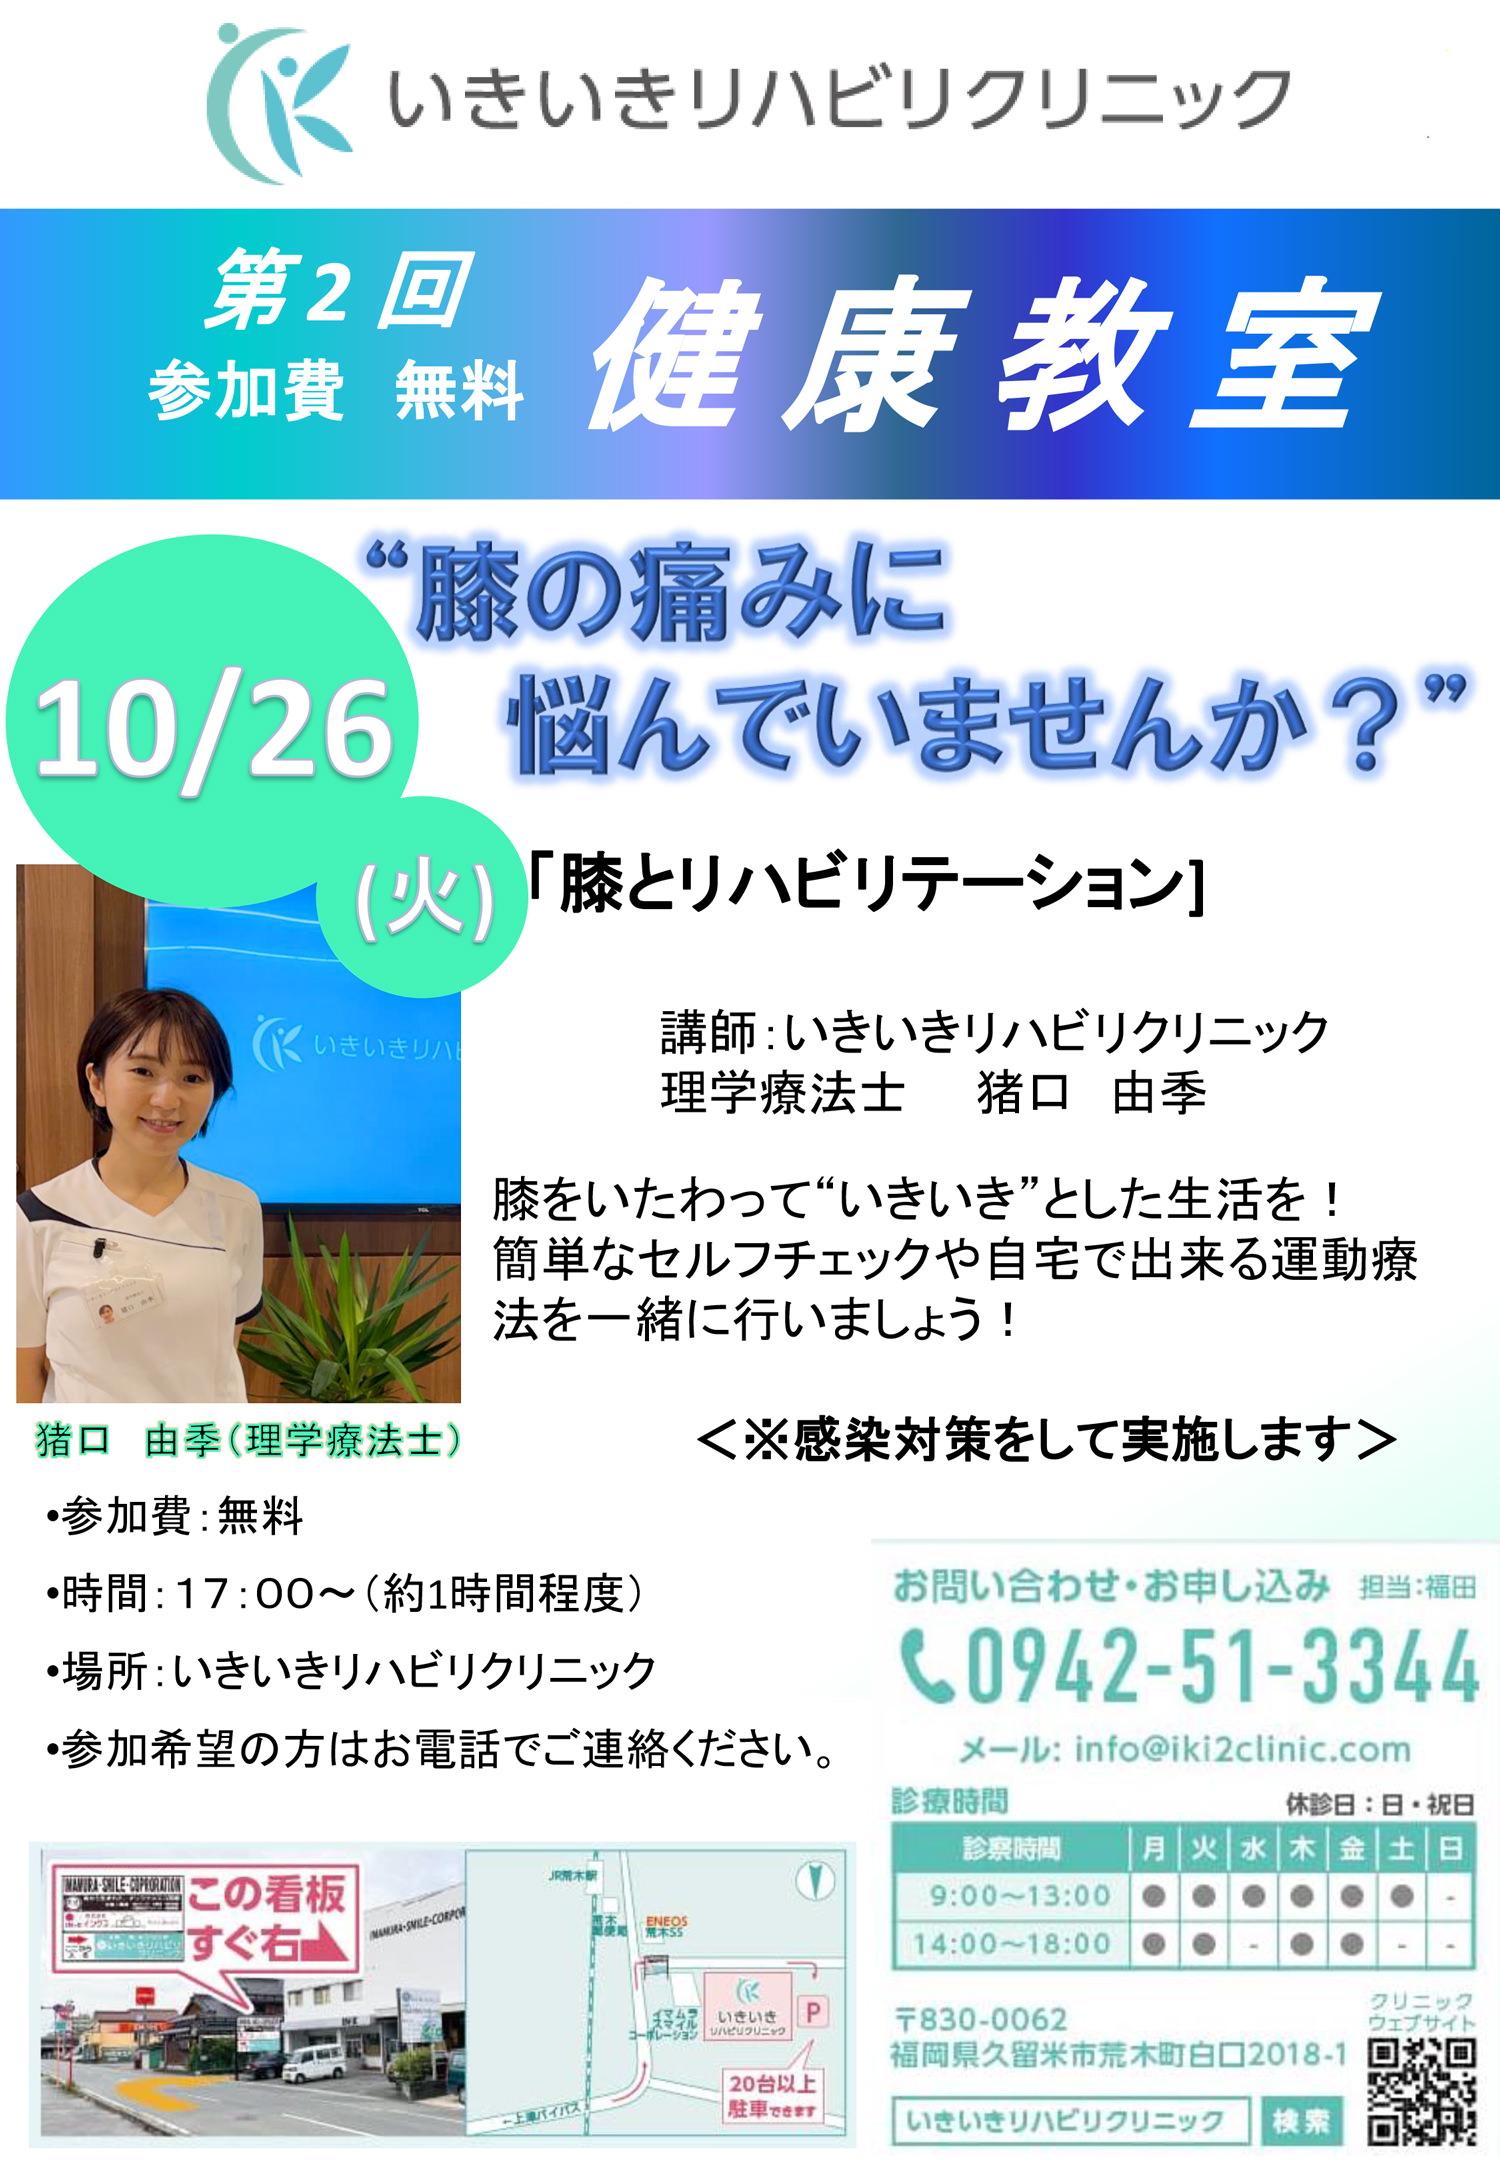 健康教室案内 2021/10/26